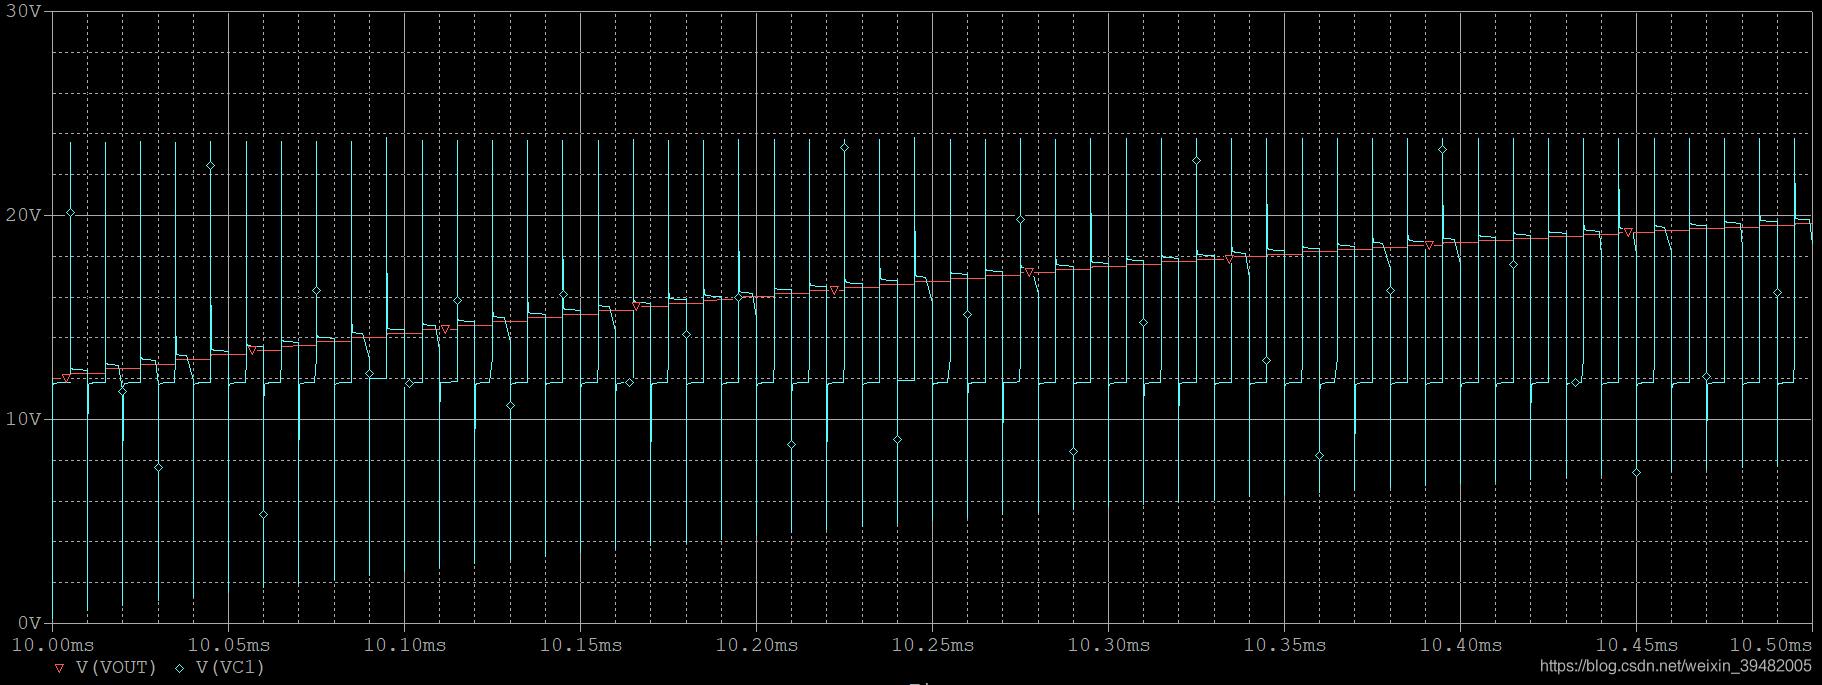 图5 VC1和Vout的电压波形